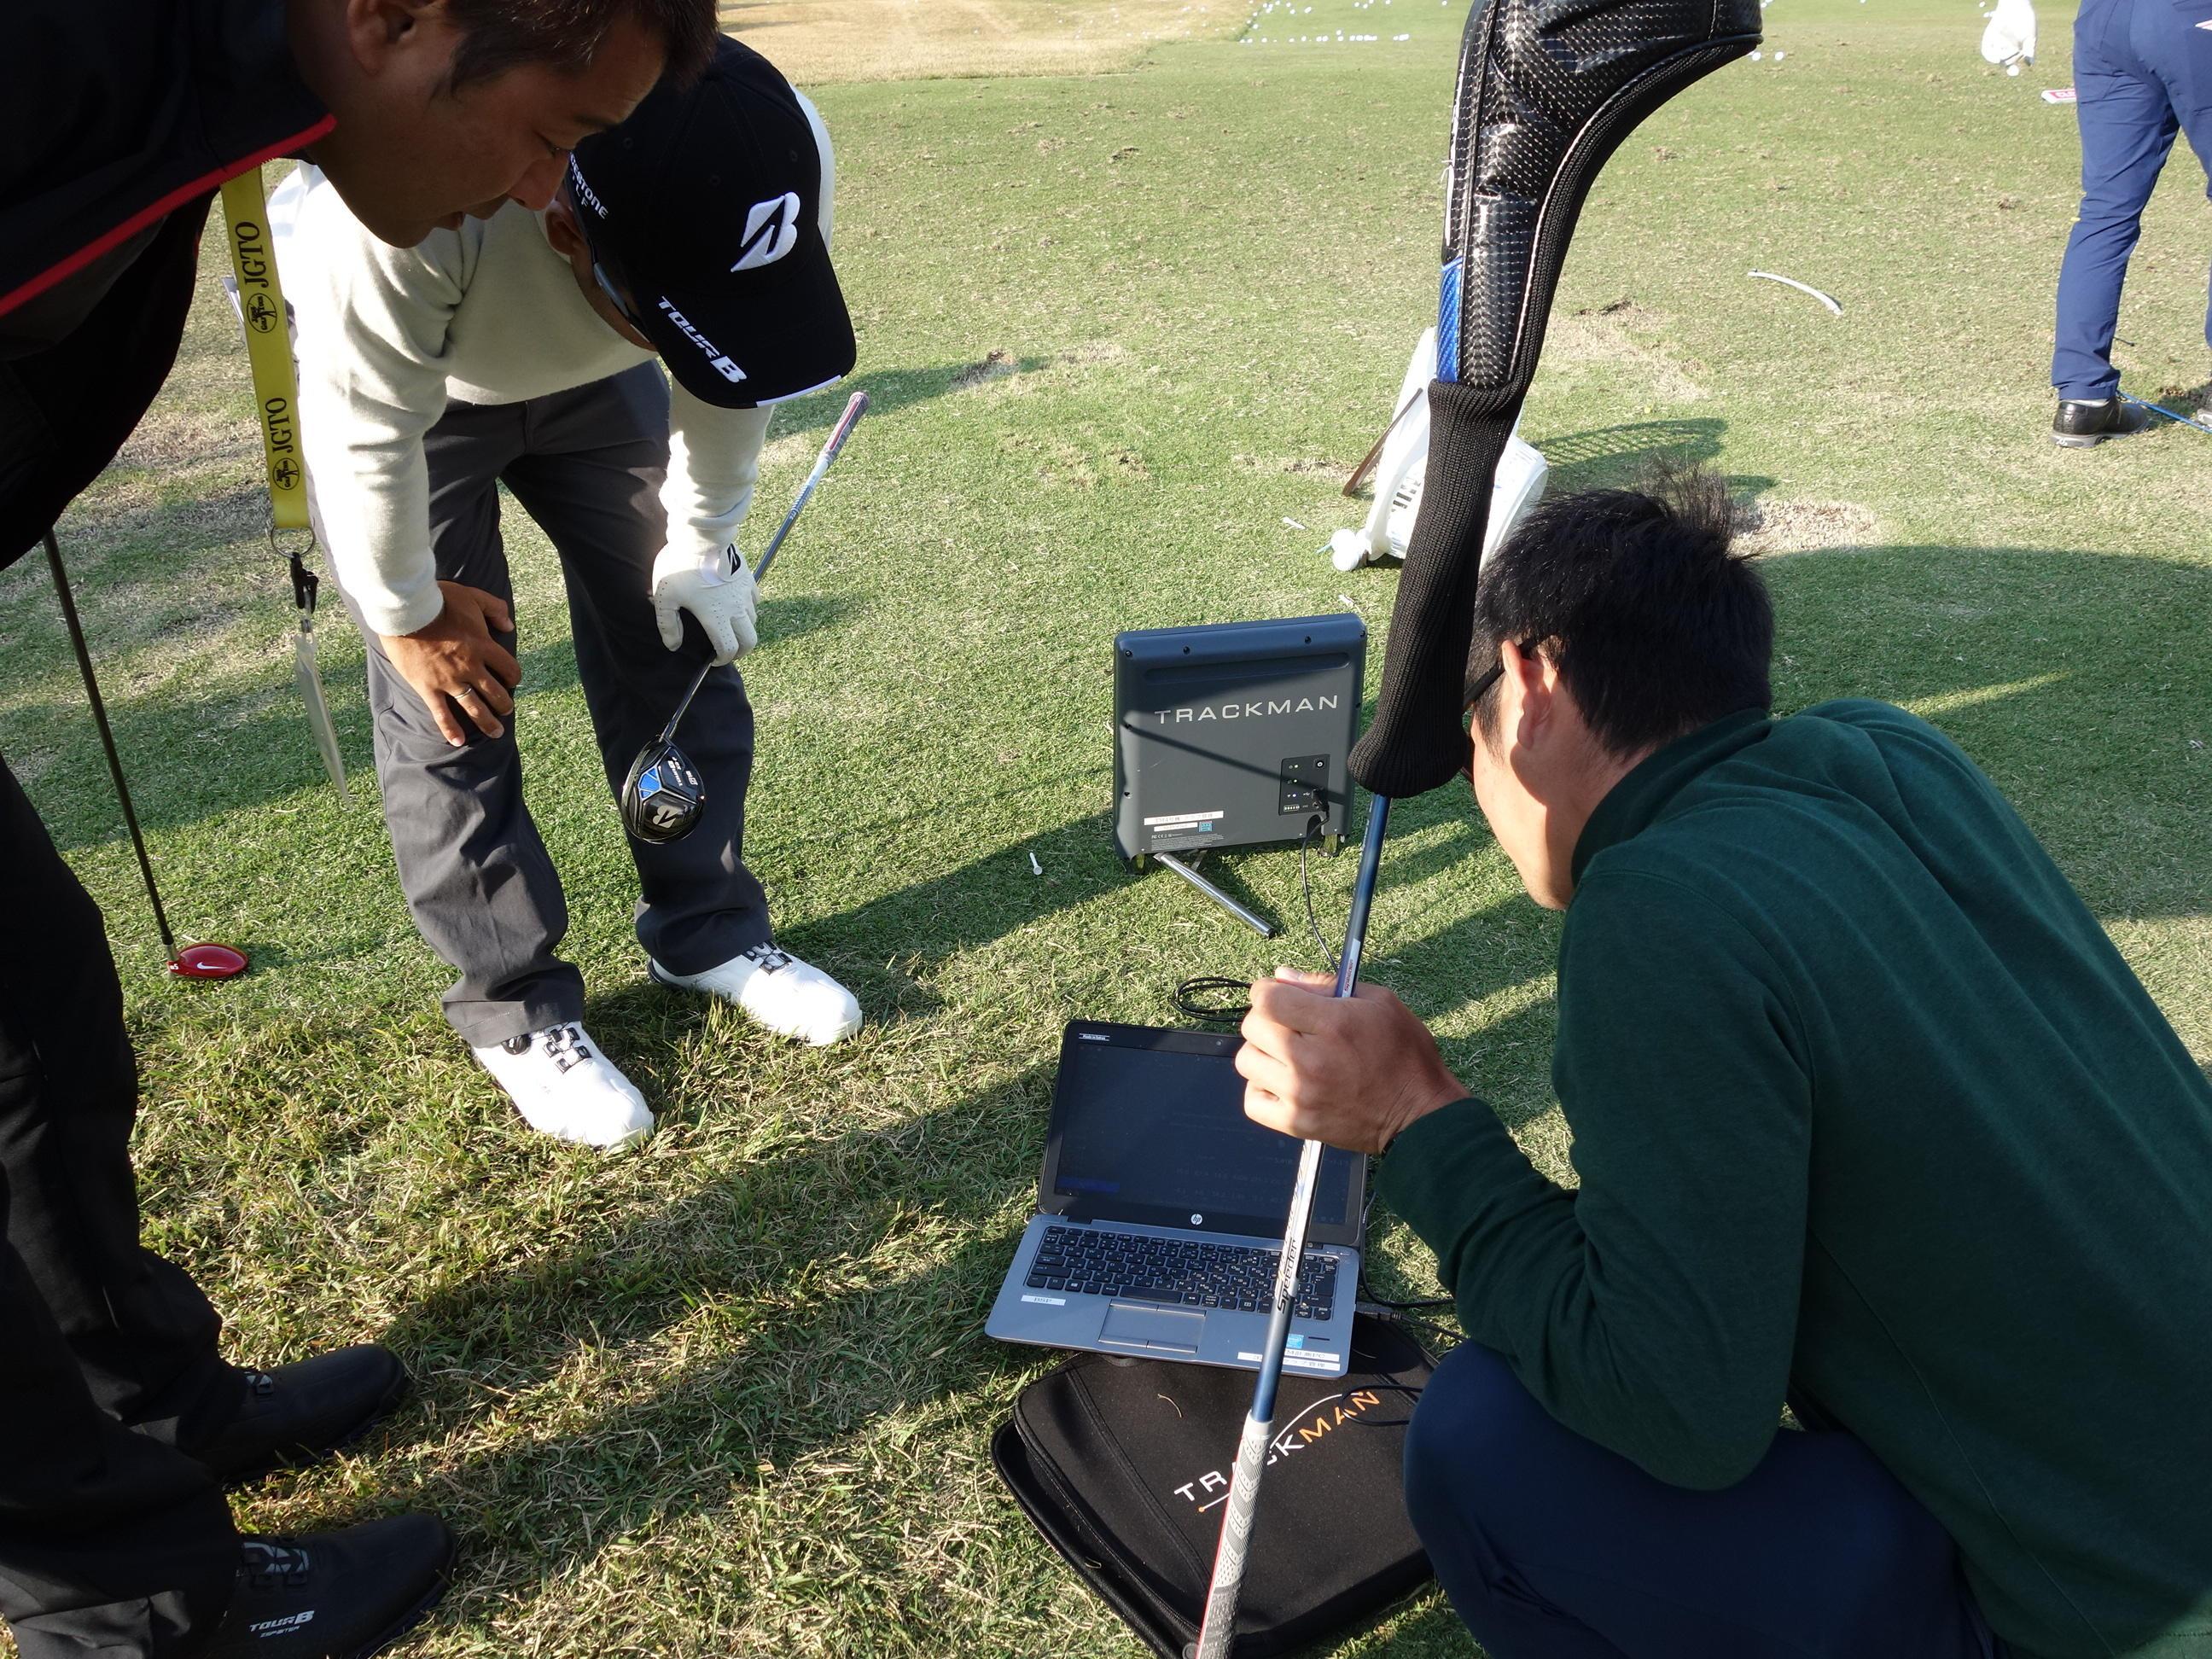 http://www.bs-golf.com/pro/61eda33f1ec79f7c942f04ae1fc6dfb9ec9d2087.JPG